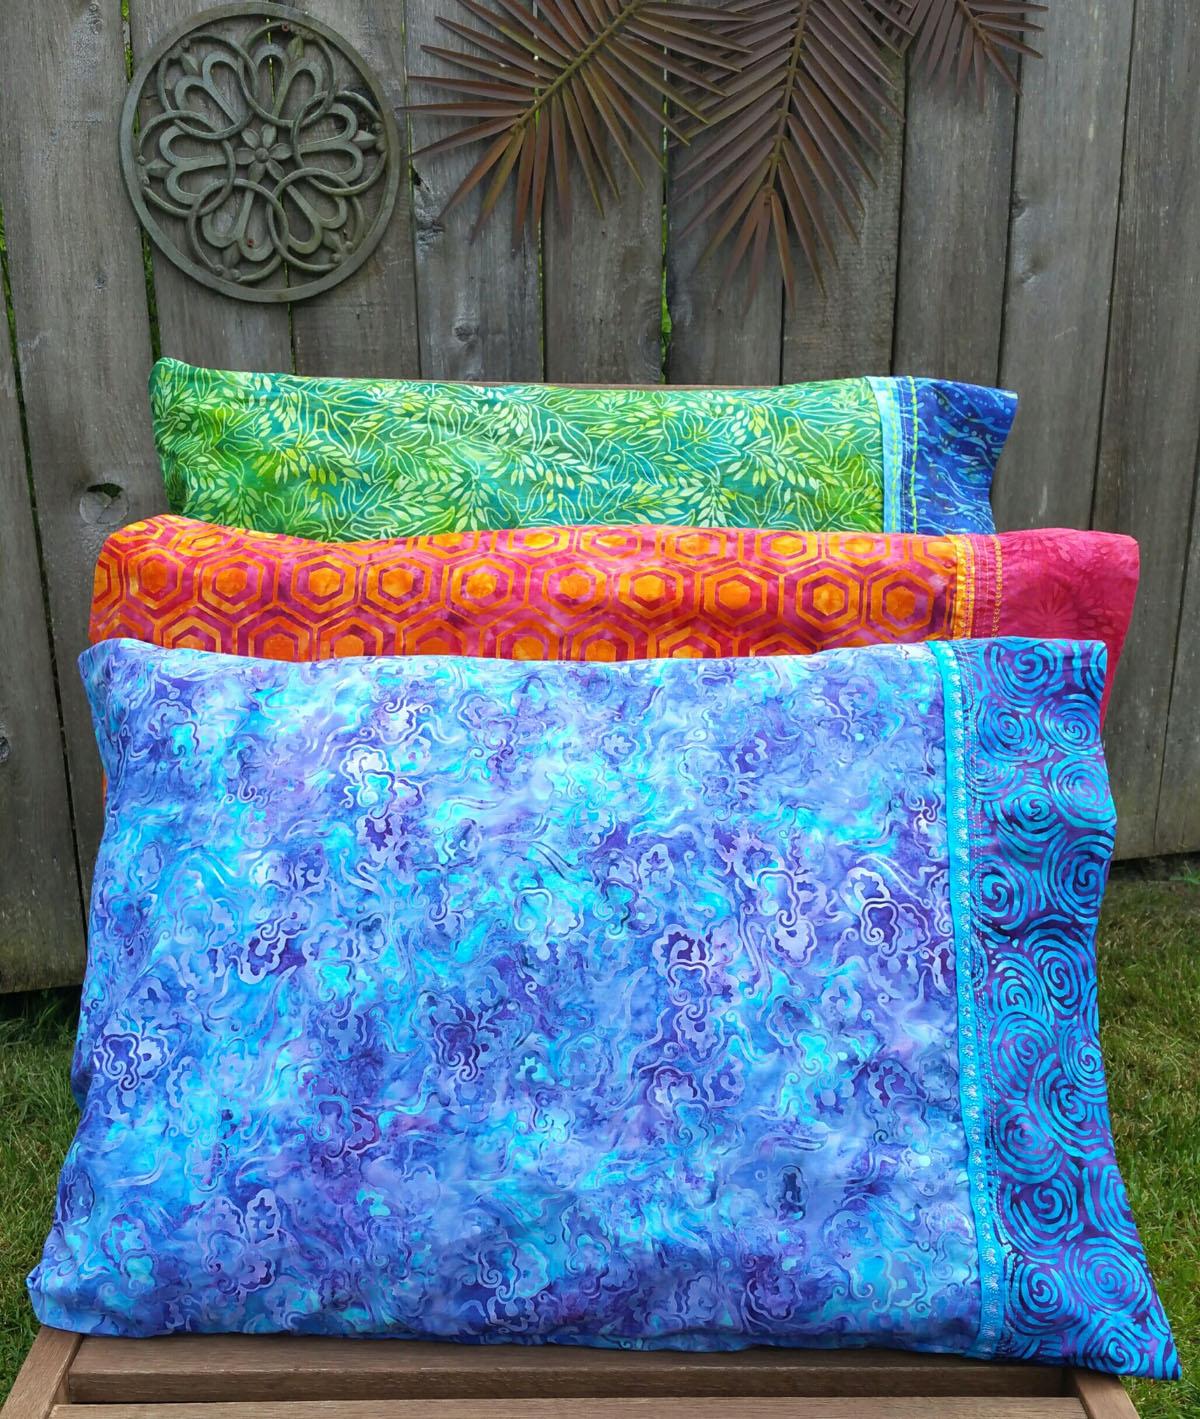 Decorative Pillow Cases WeAllSew BERNINA USA s blog, WeAllSew, offers fun project ideas ...